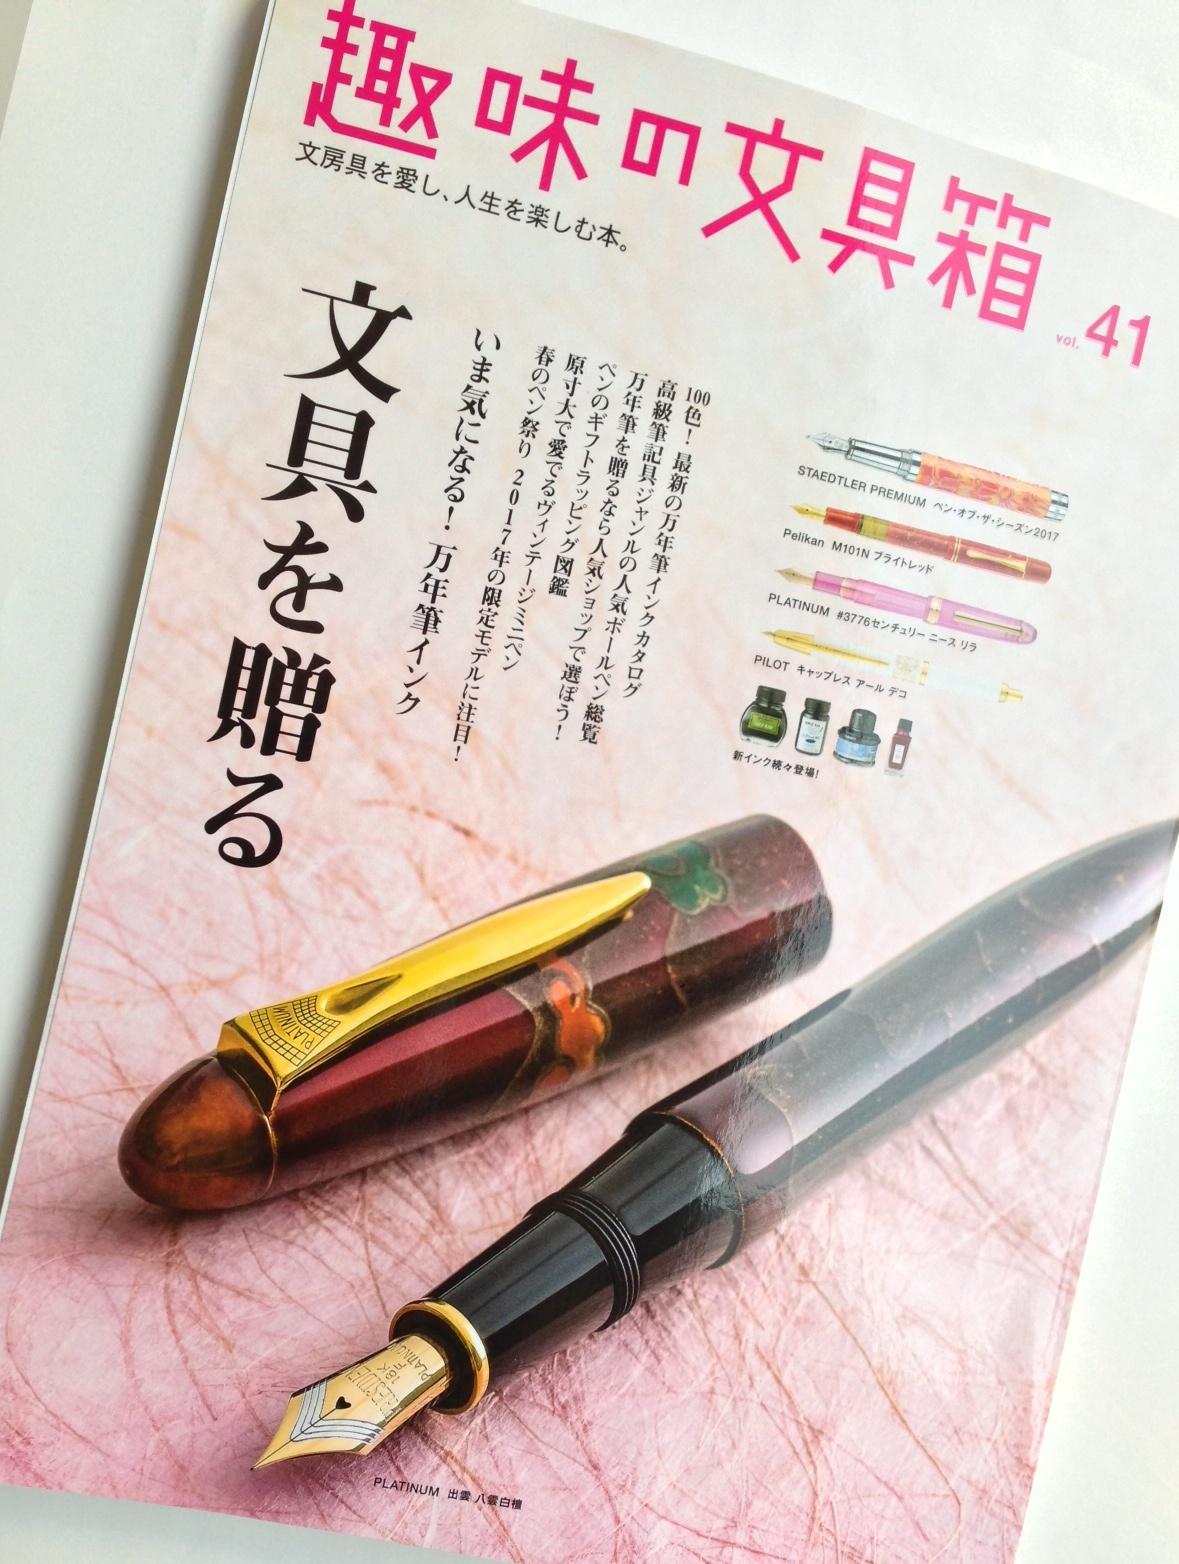 小日向京のひねもす文房具|第八十一回「趣味の文具箱 vol.41」